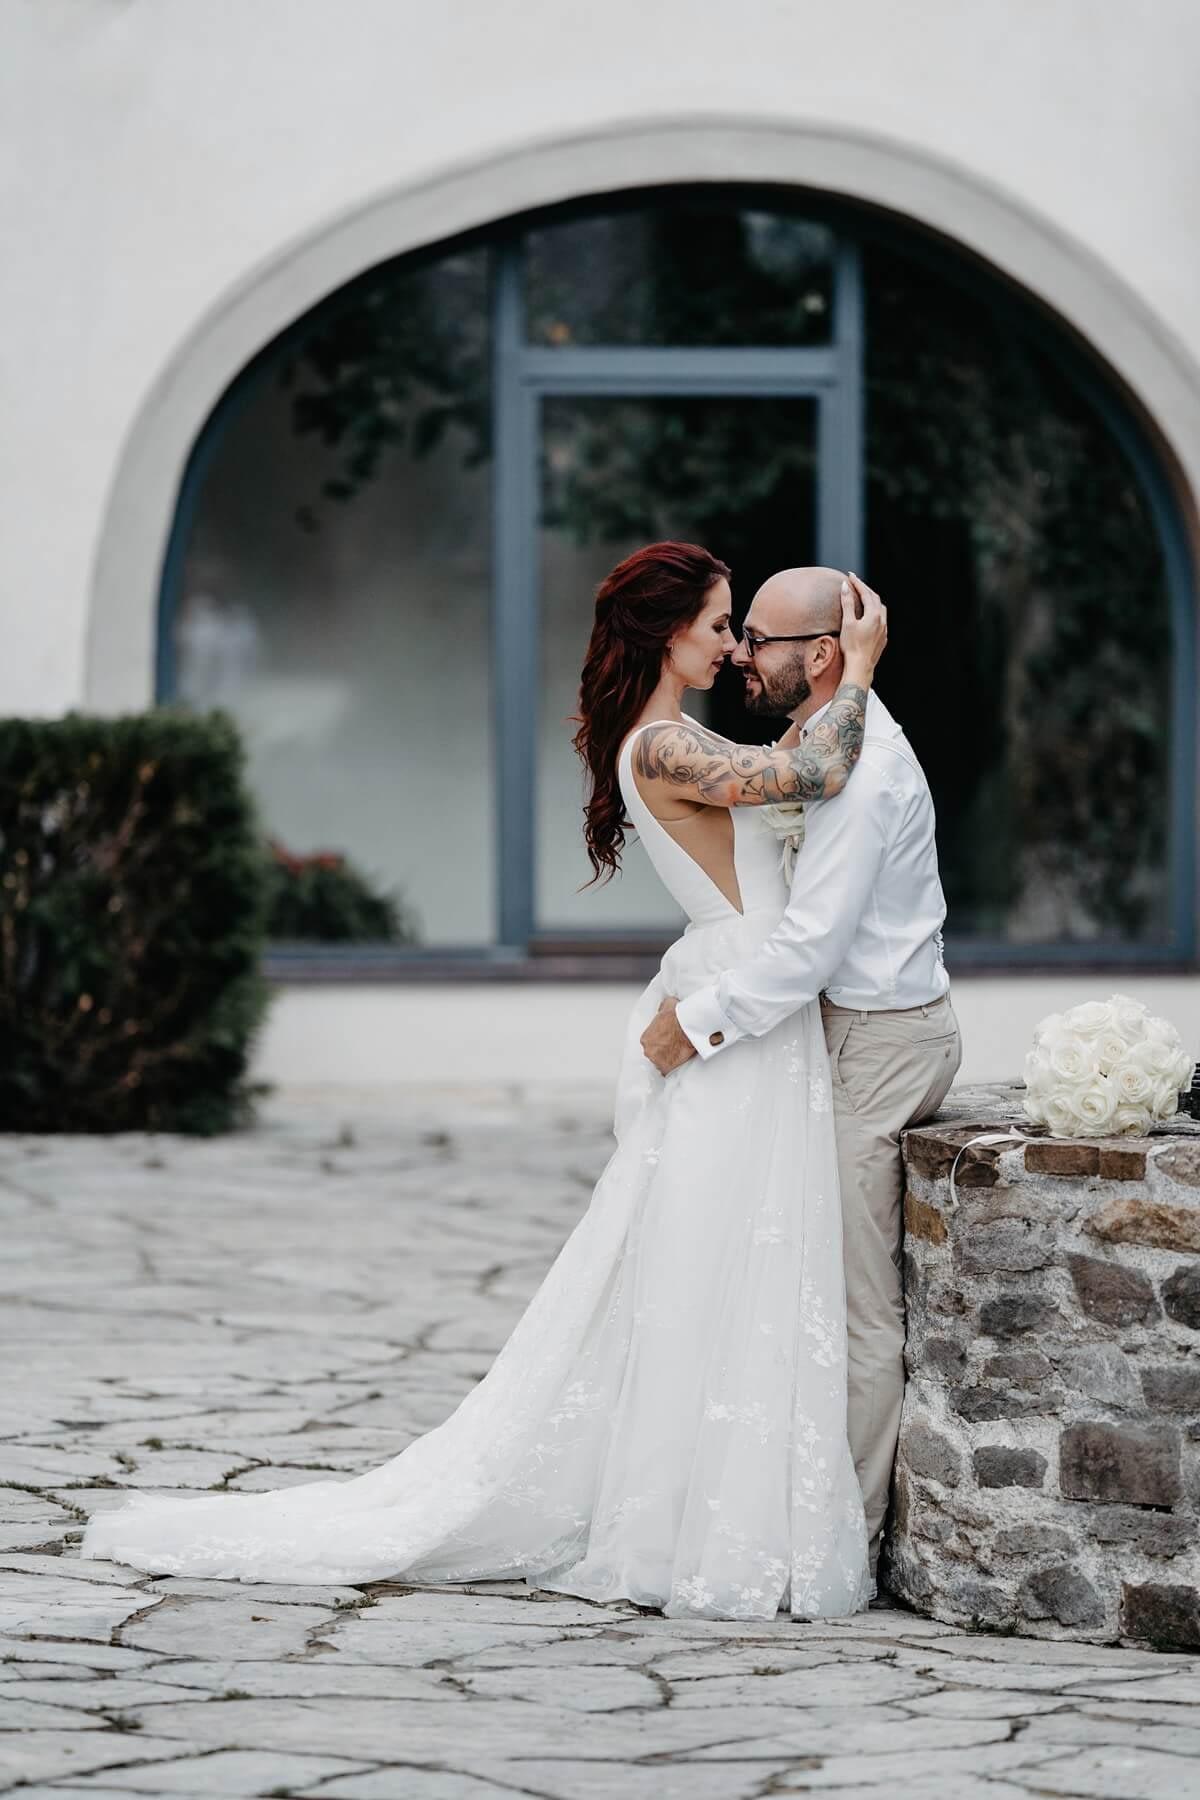 Svadobné fotky vo fitness centre - Svadobné fotografie na zámku - Svadobný fotograf Michal Reiberger Liptov - Svadobný fotograf Liptovský Mikuláš